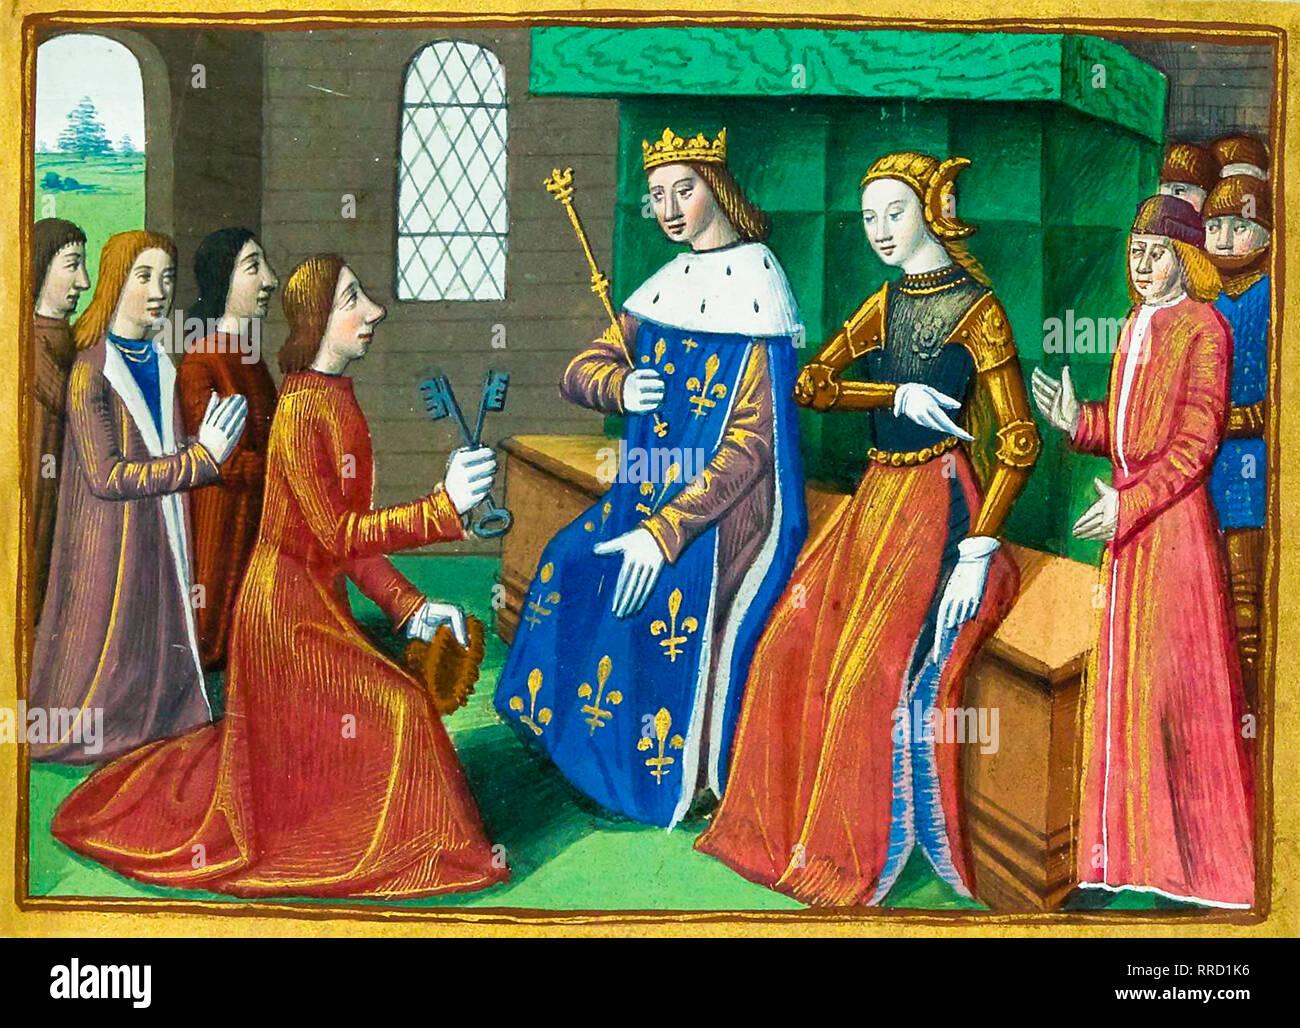 Die Bürger der Stadt Troyes Hand über Tasten der Dauphin und Jeanne d'Arc. c. 1484, Malerei Stockbild